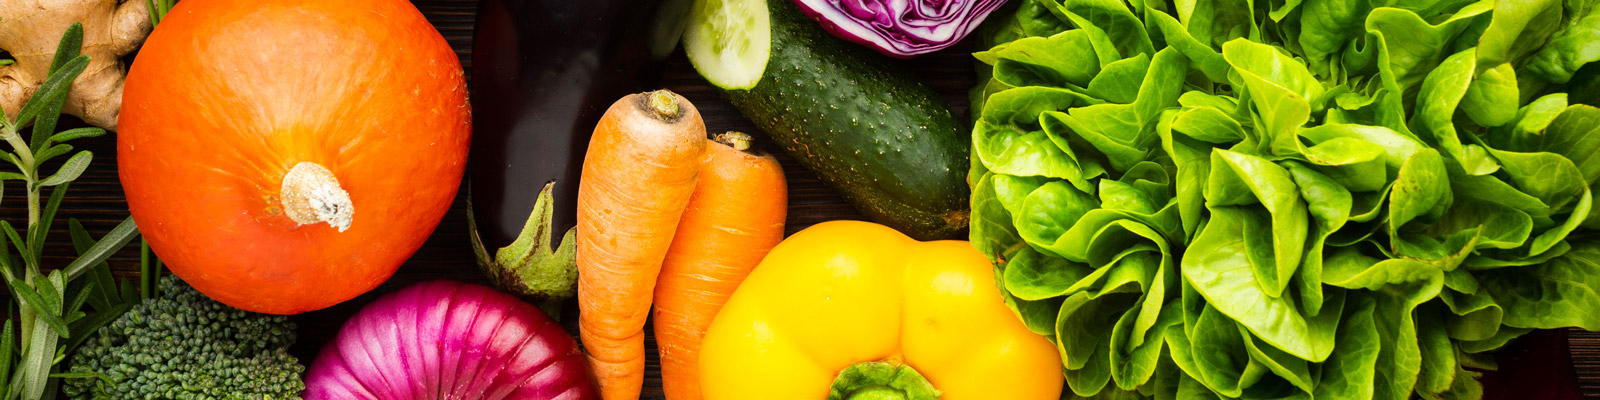 Productos Hortícolas: Zanahoria - Productos Las Marismas de Lebrija